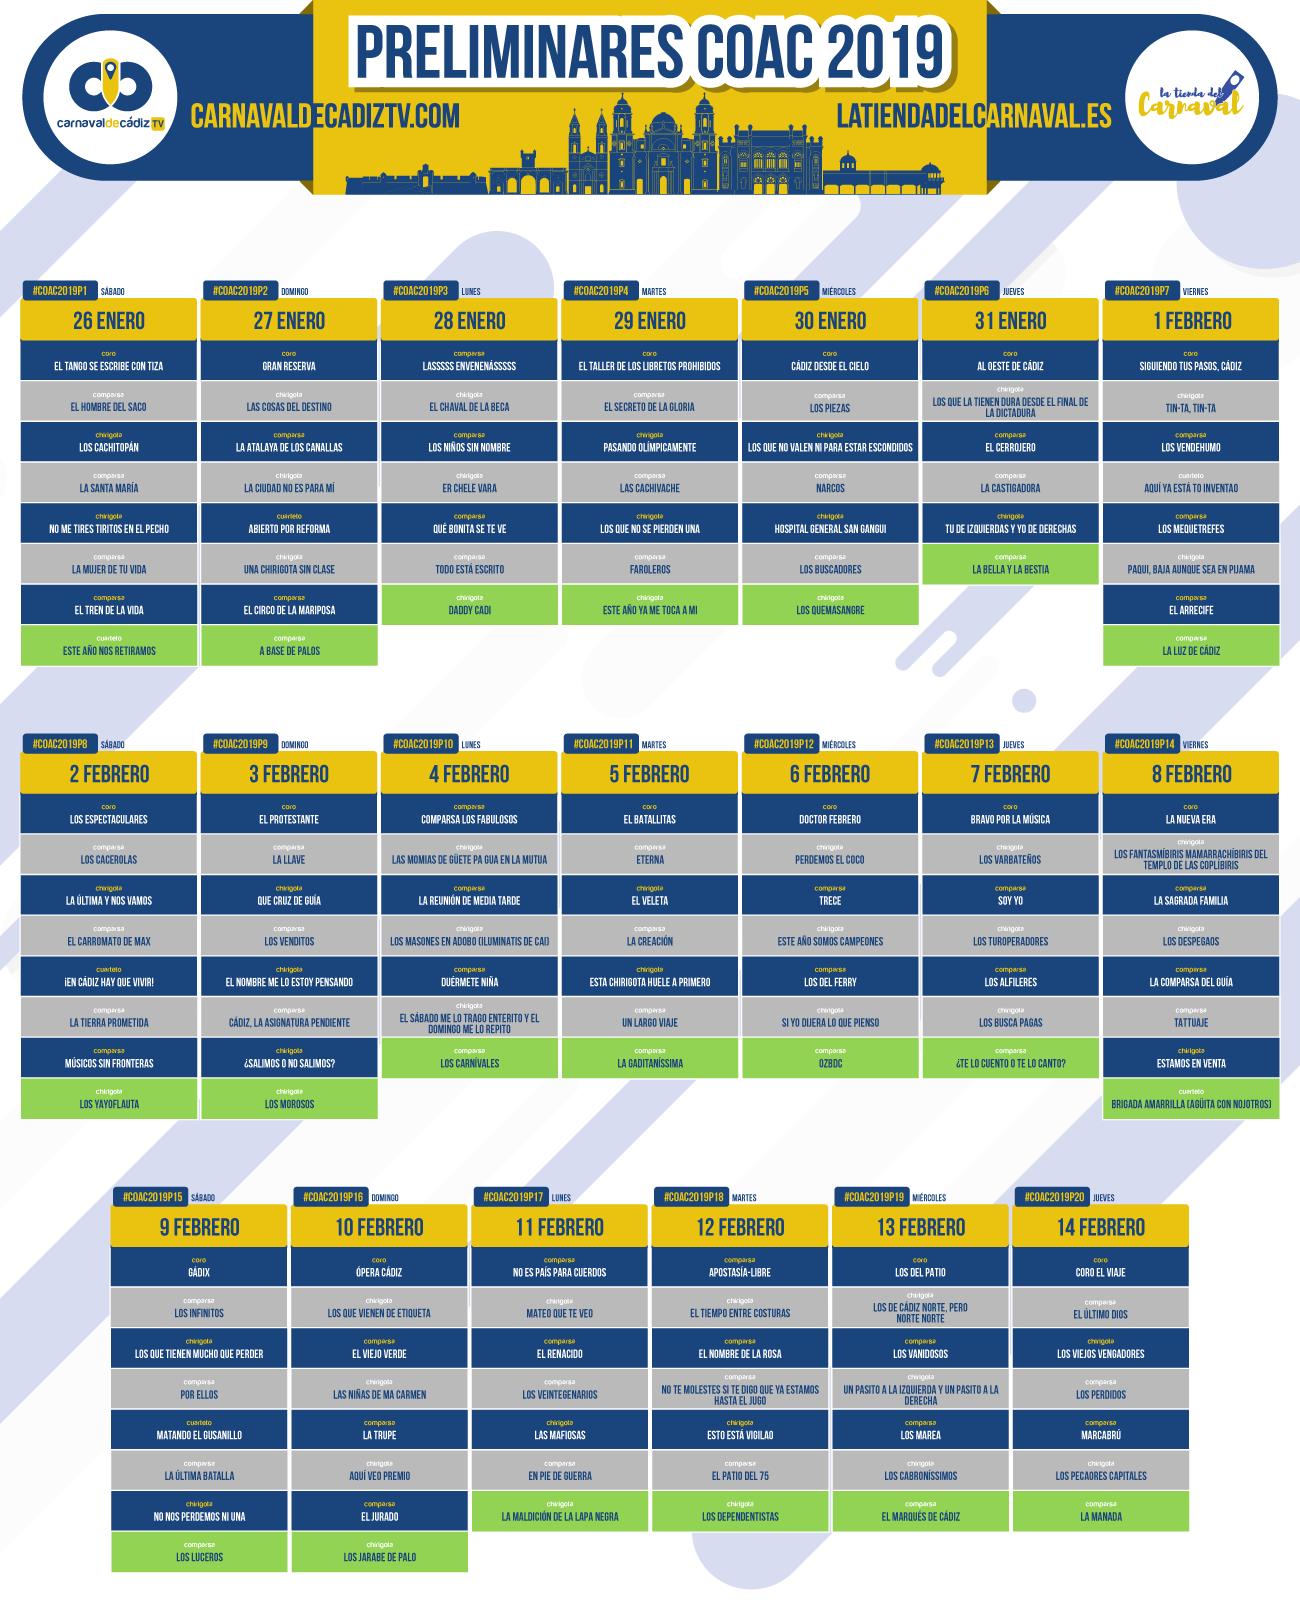 preliminares calendario coac 2019